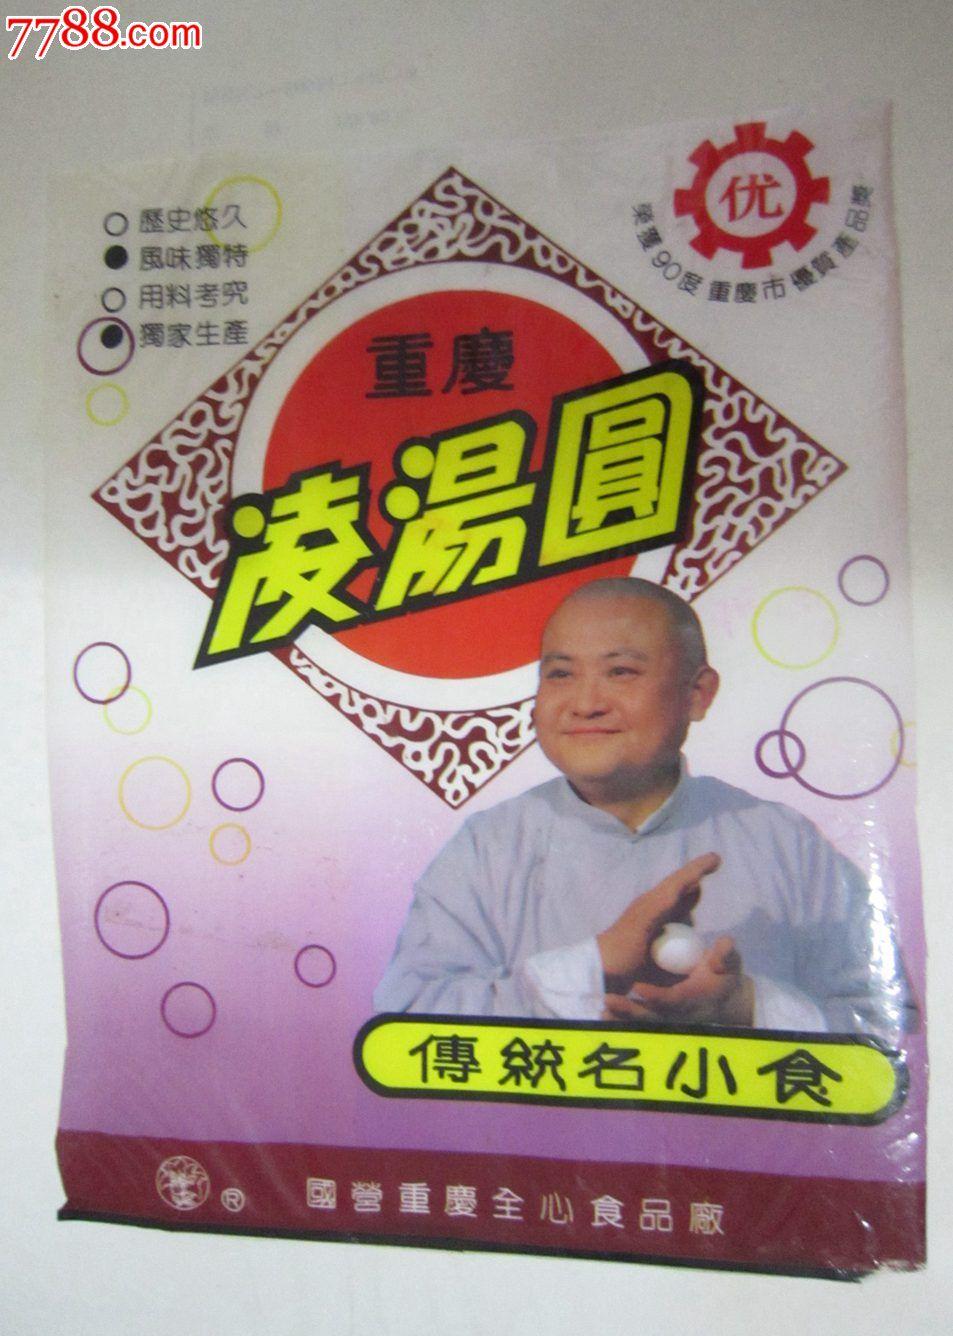 重庆凌汤圆食品袋(hh:115.3)